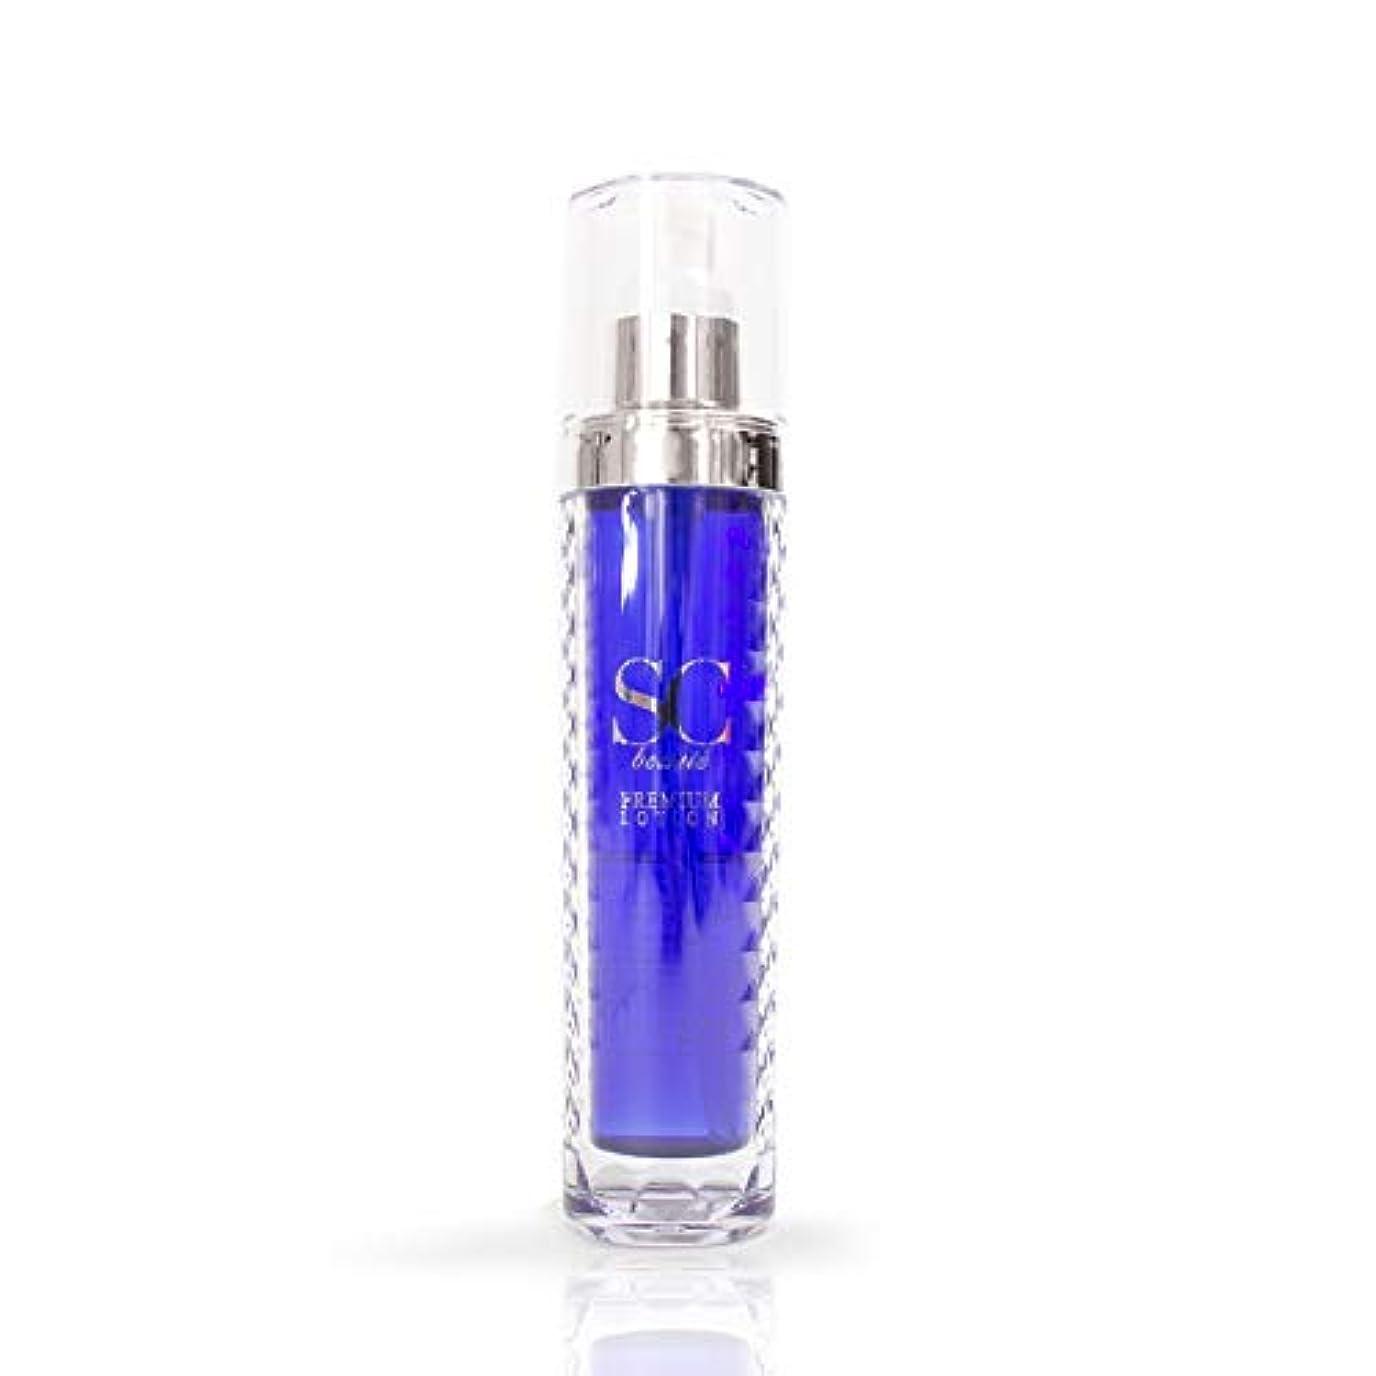 ムスデュアル暗記するSCボーテ プレミアムローション 化粧水 120ml 「皮膚再生医療」から誕生したヒト幹細胞培養液+海洋深層水+有効成分配合 (120ml)